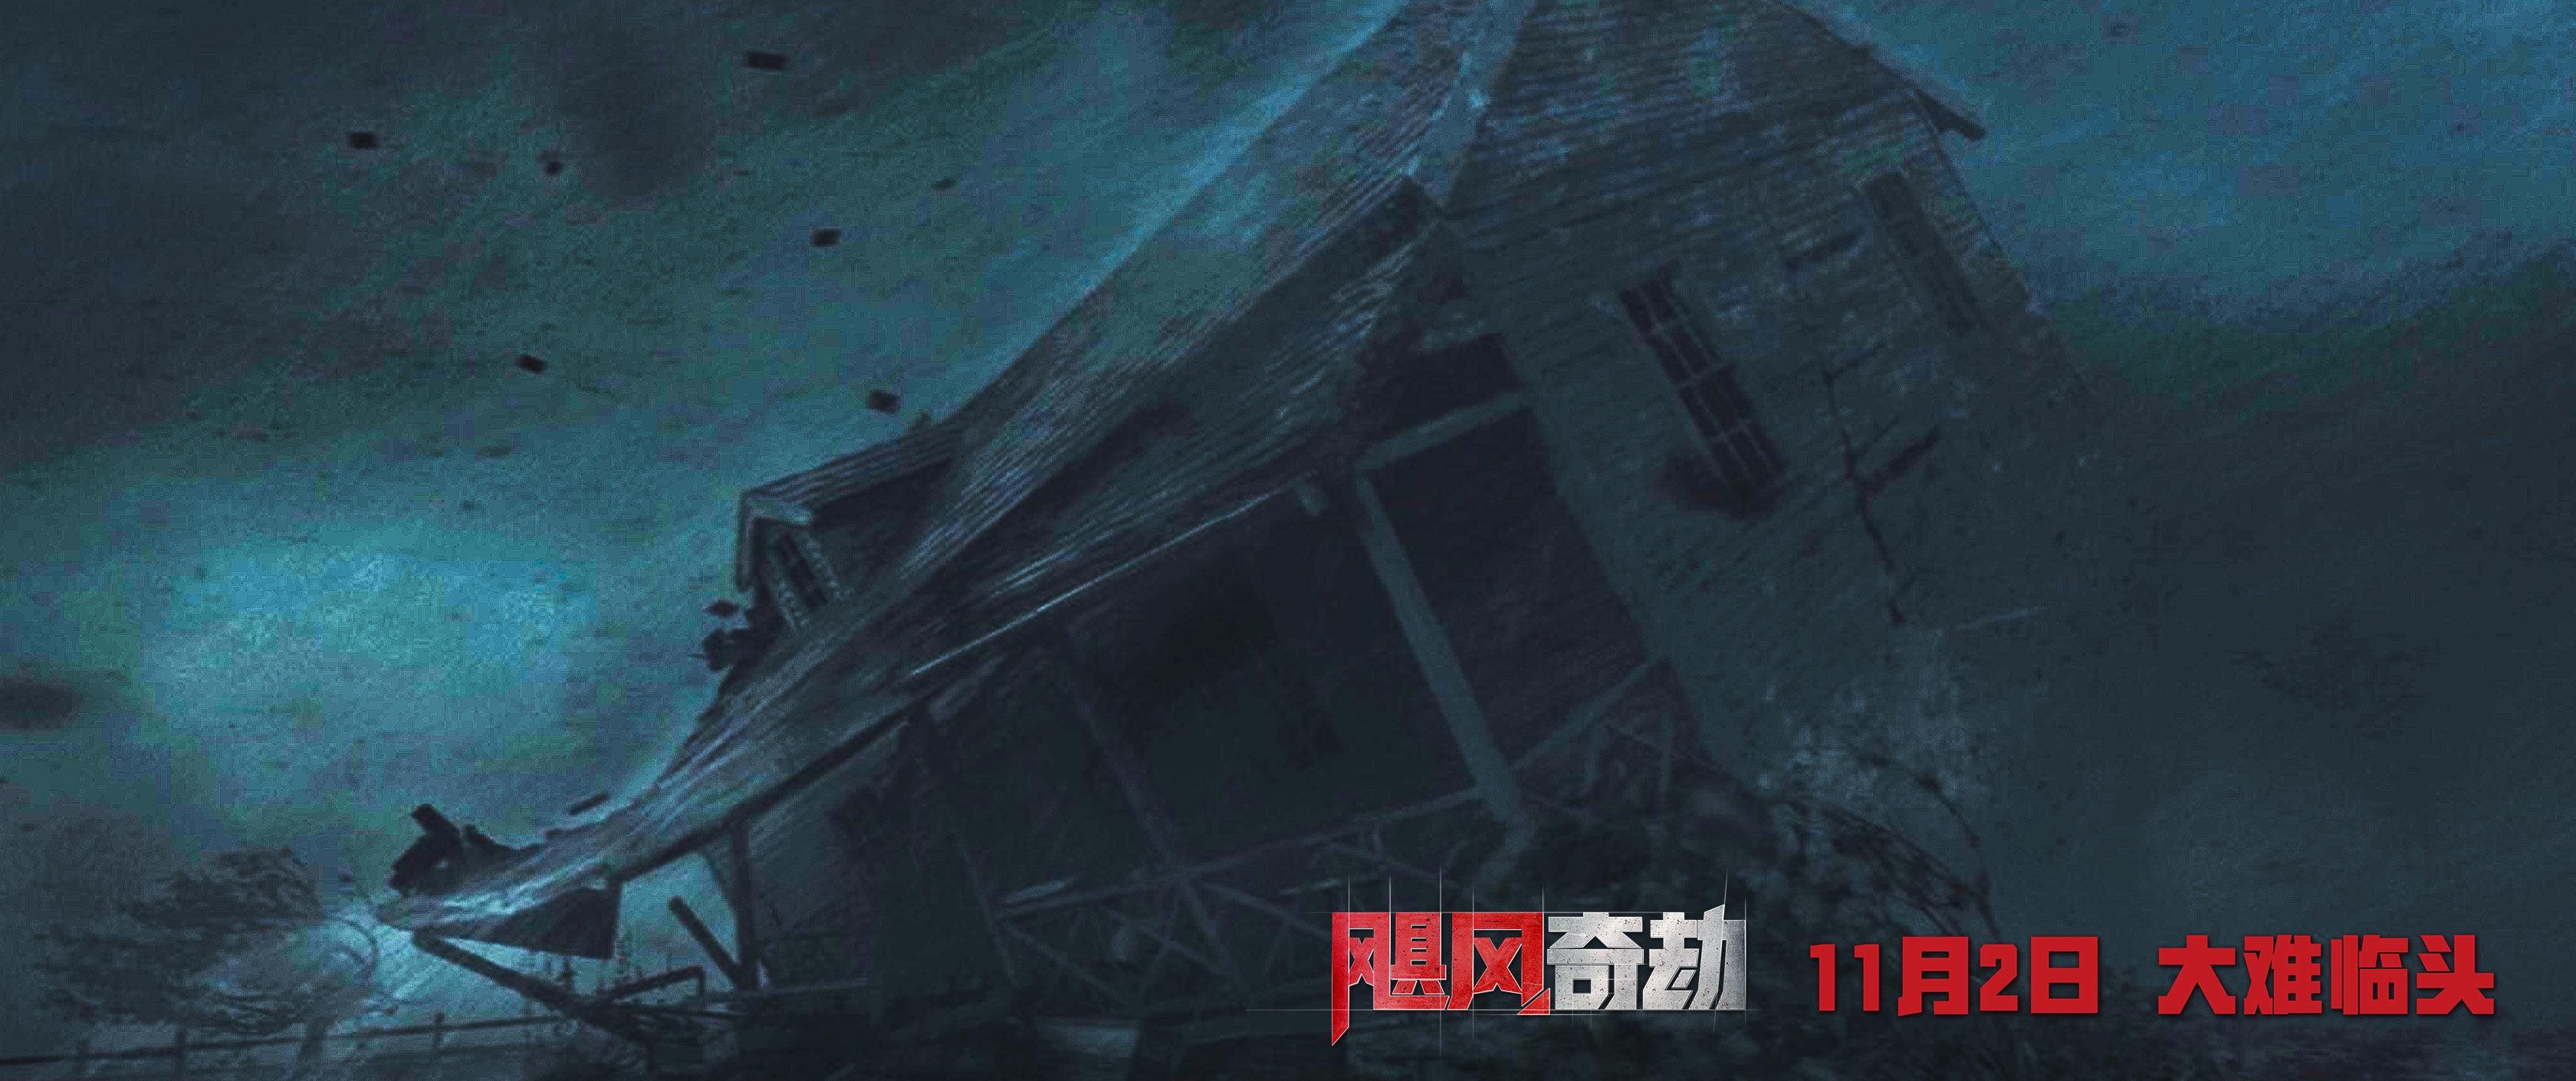 《飓风奇劫》11月2日上映 导演打造致命S级飓风